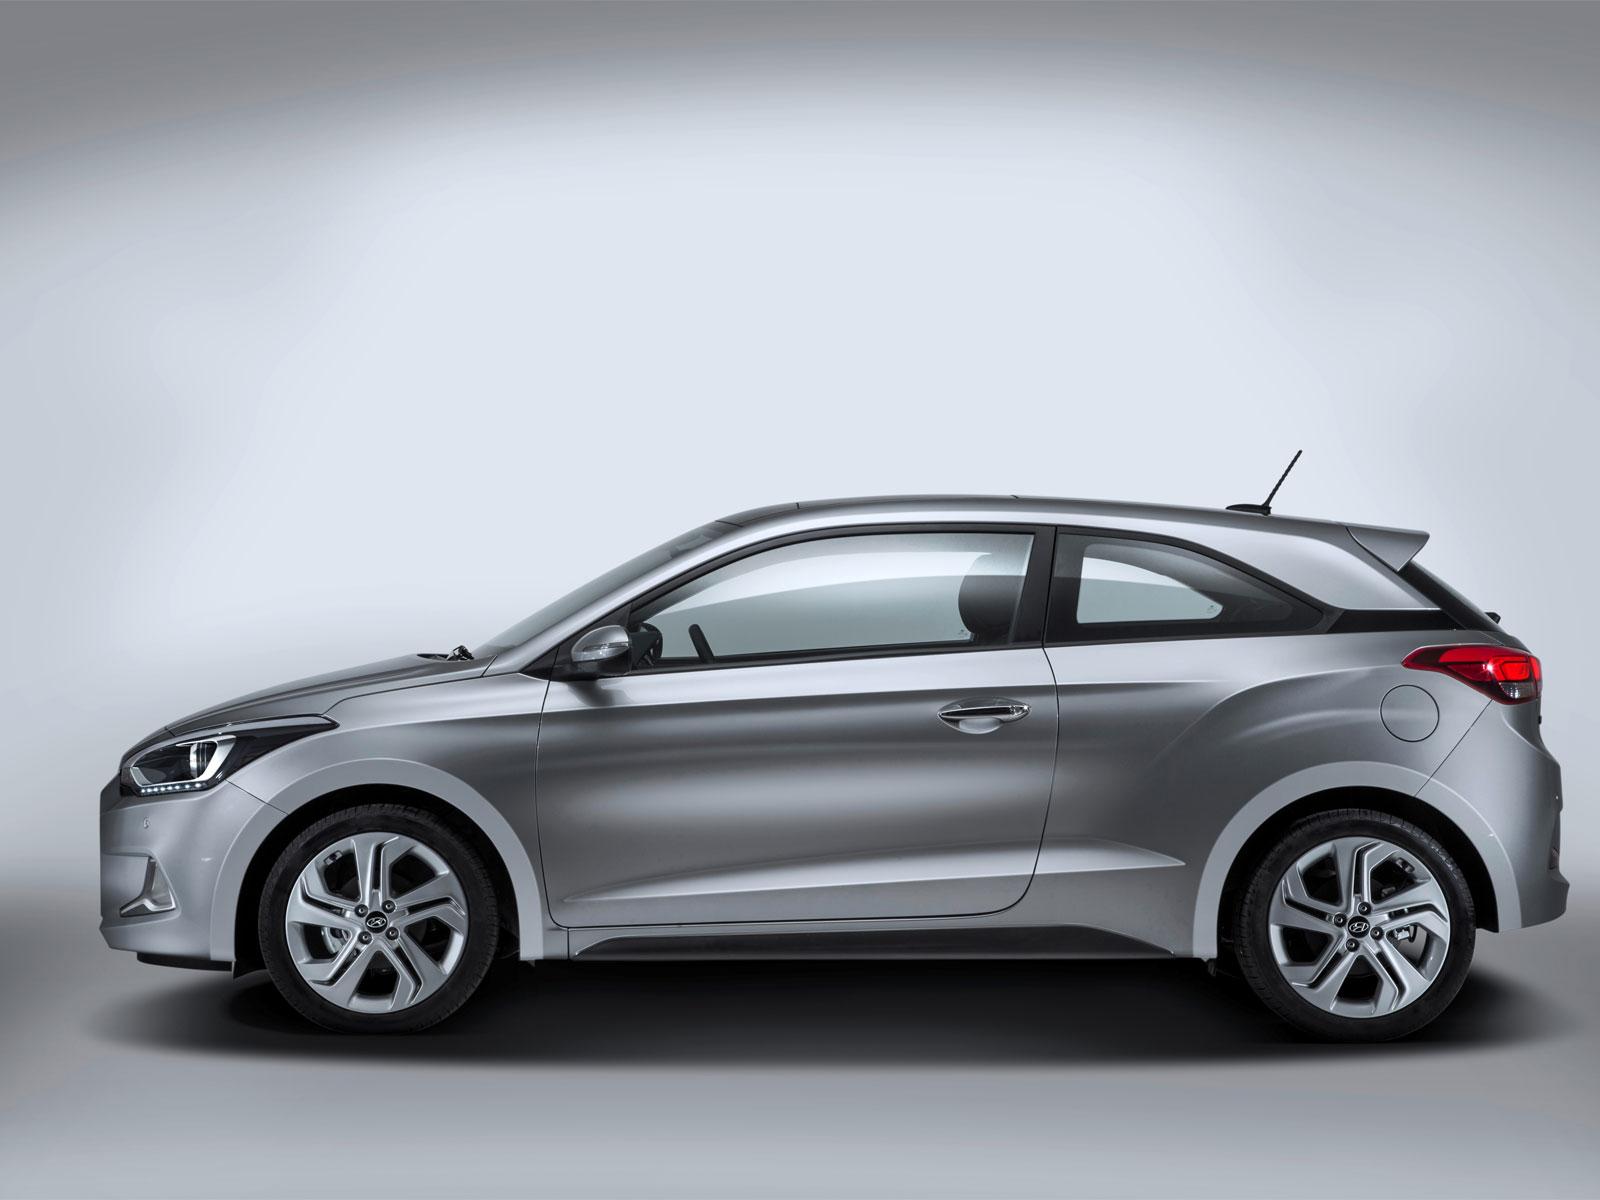 2016 Hyundai i20 Coupé (c) Hyundai